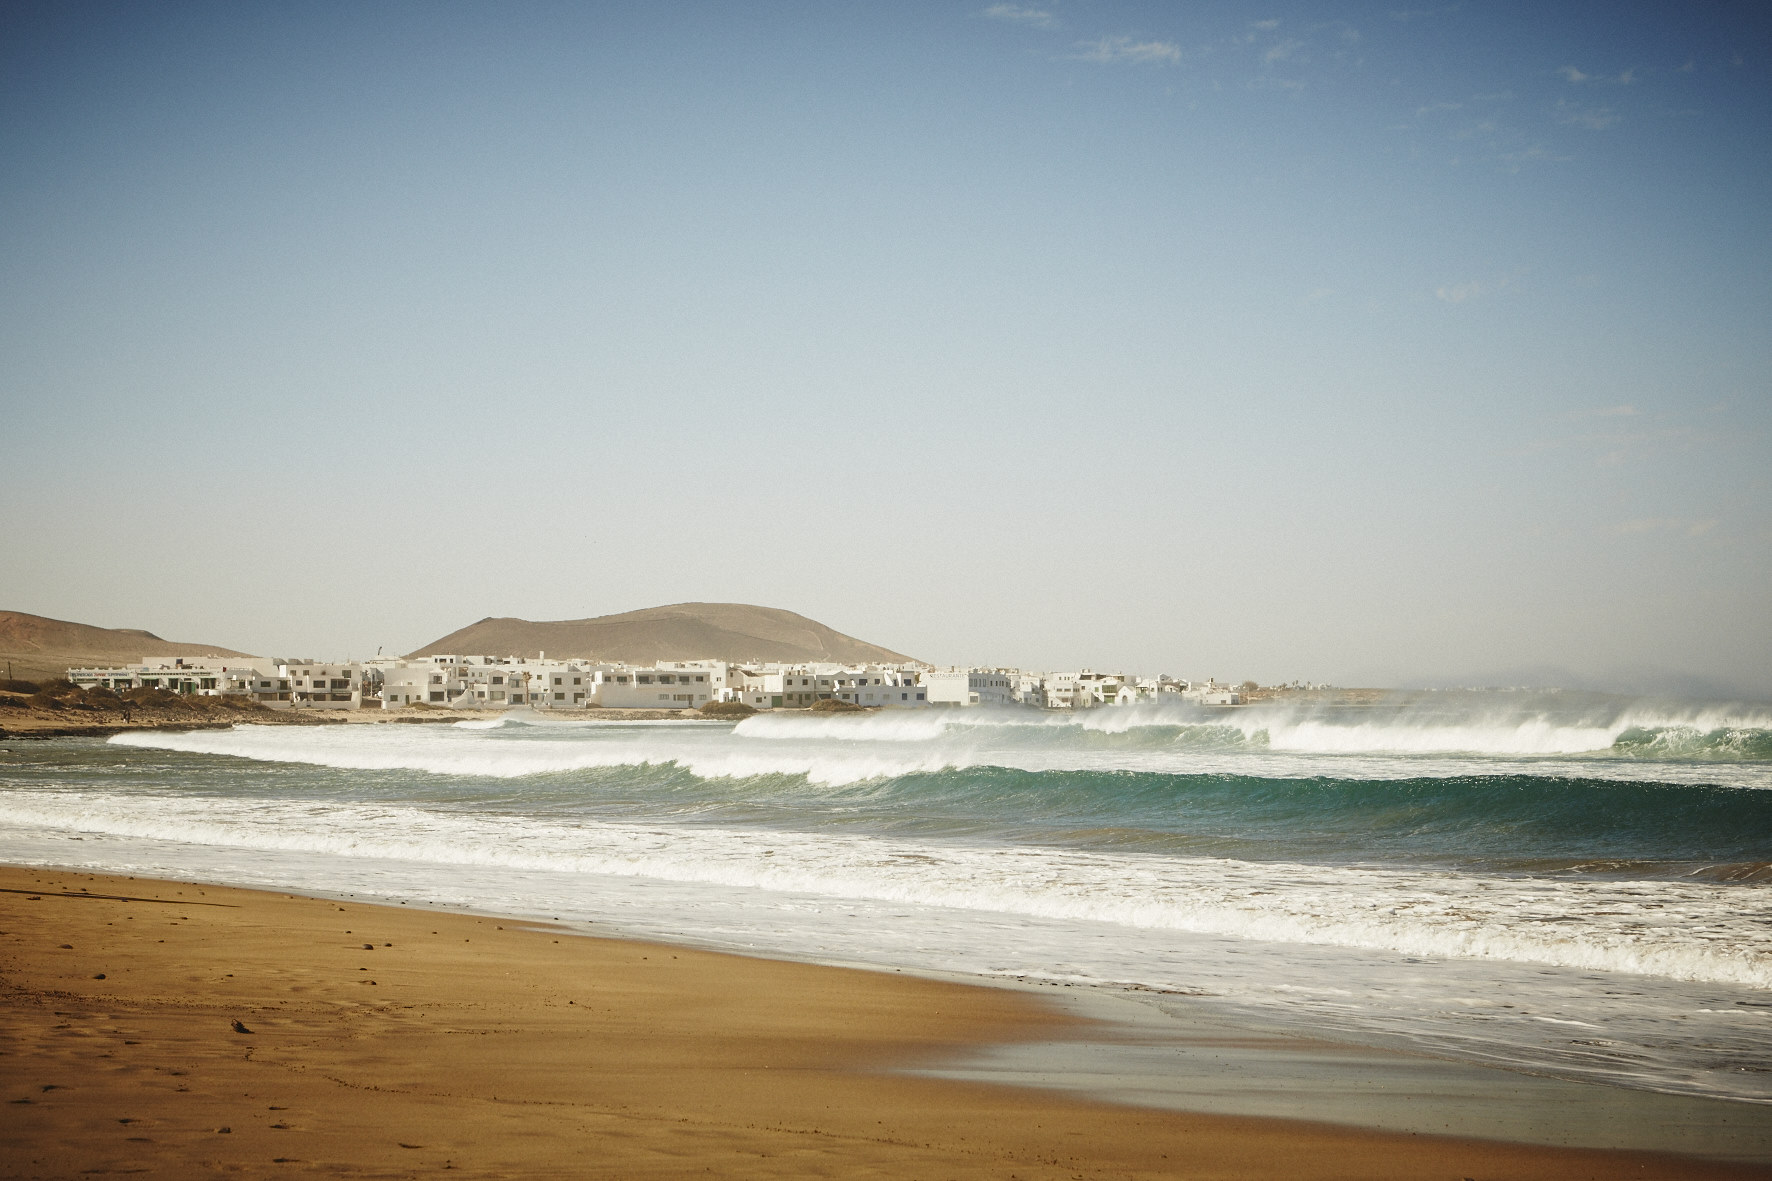 Lanzarote_14_1219